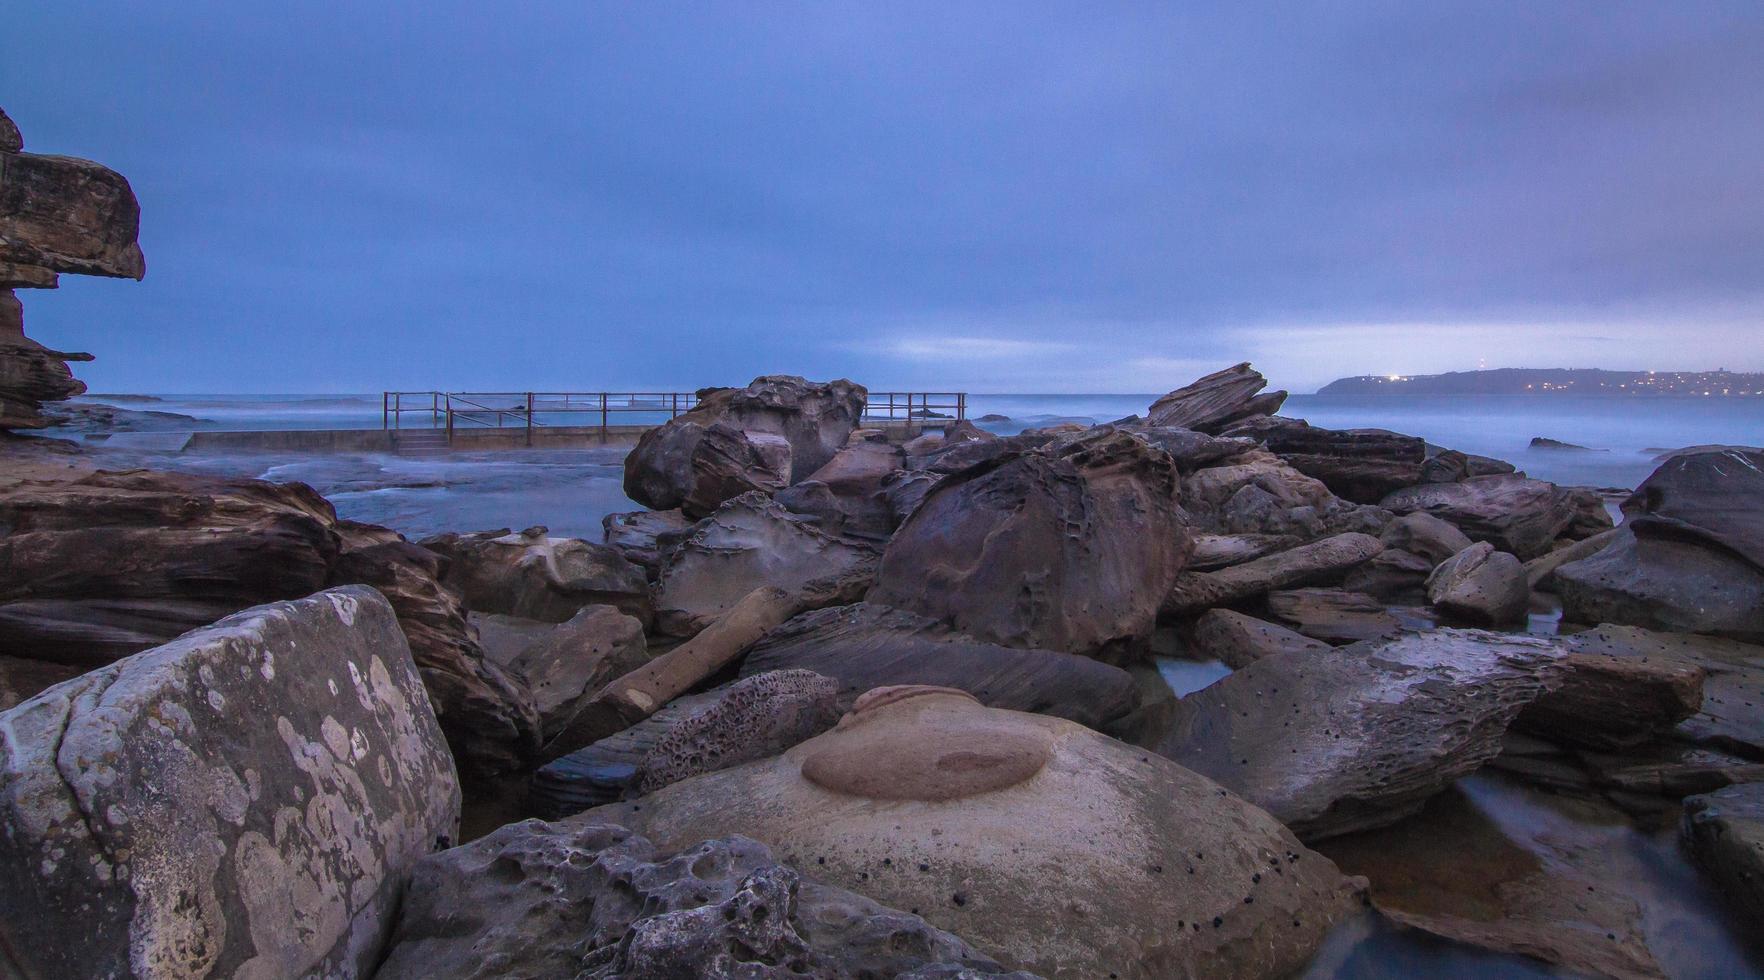 Rocky coast at night photo